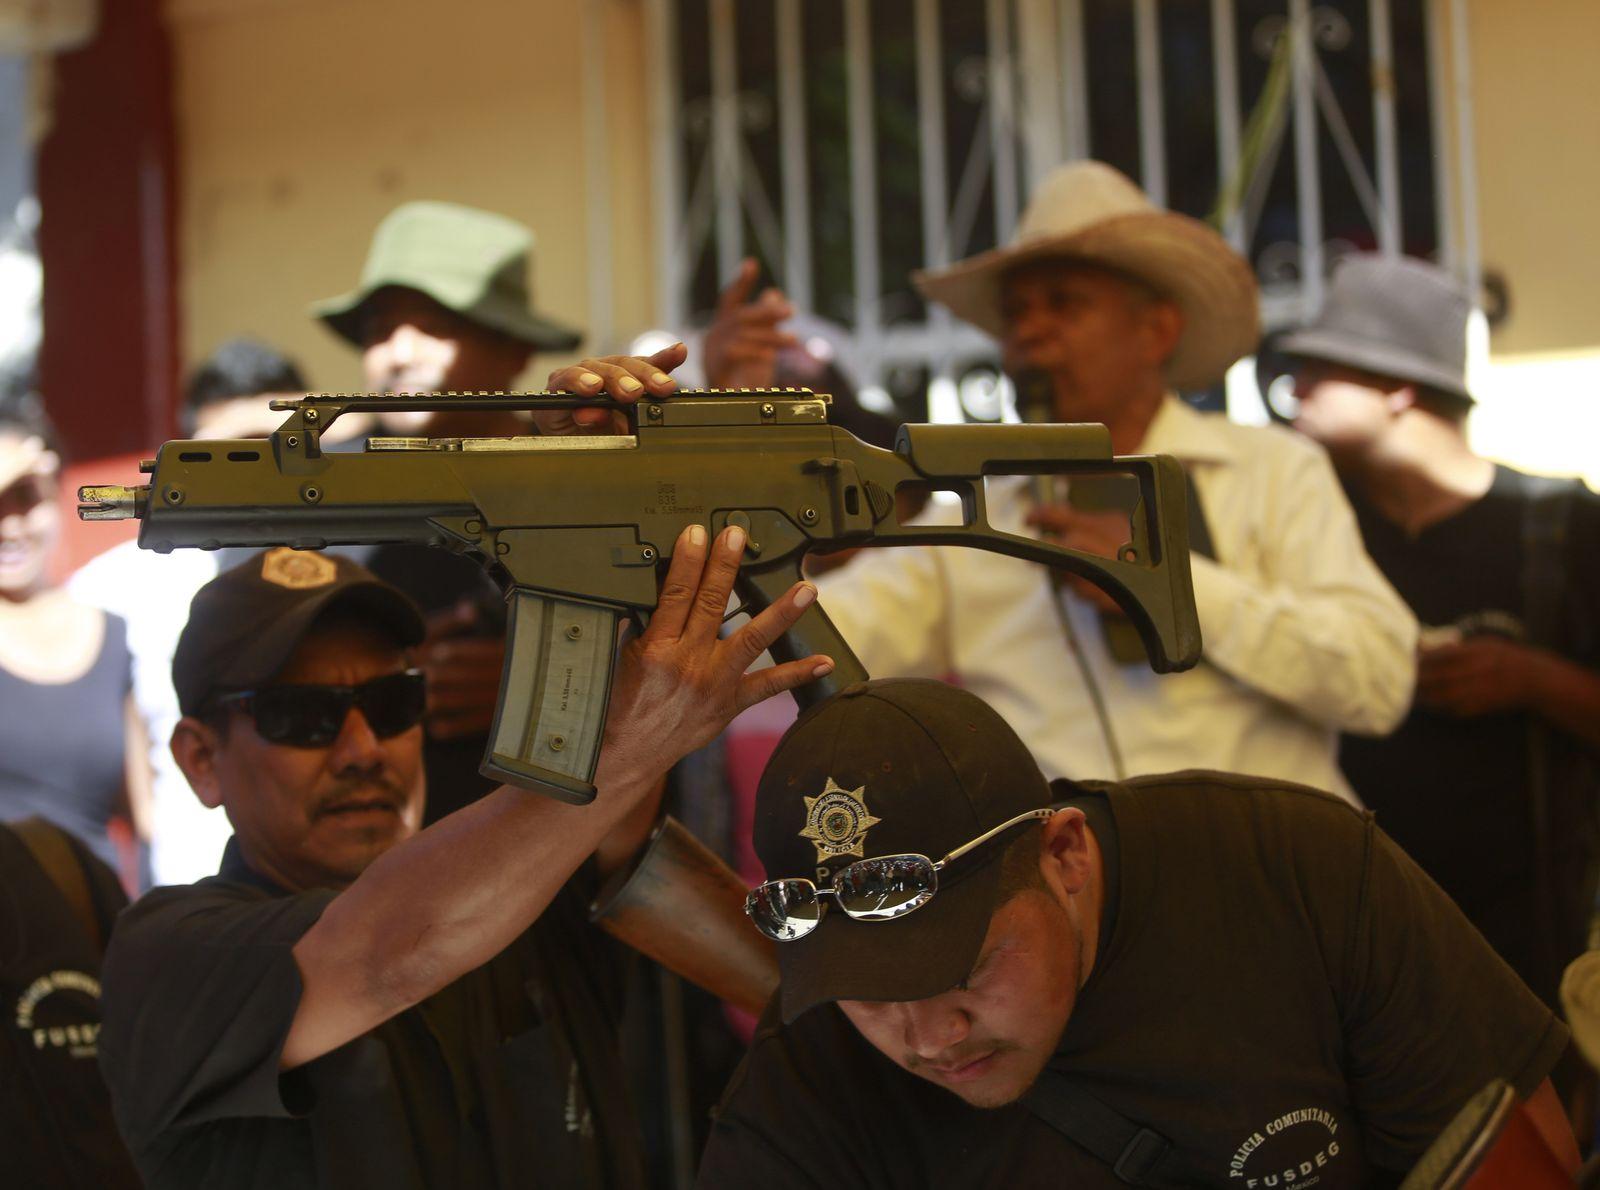 Mexiko / Heckler & Koch Sturmgewehr